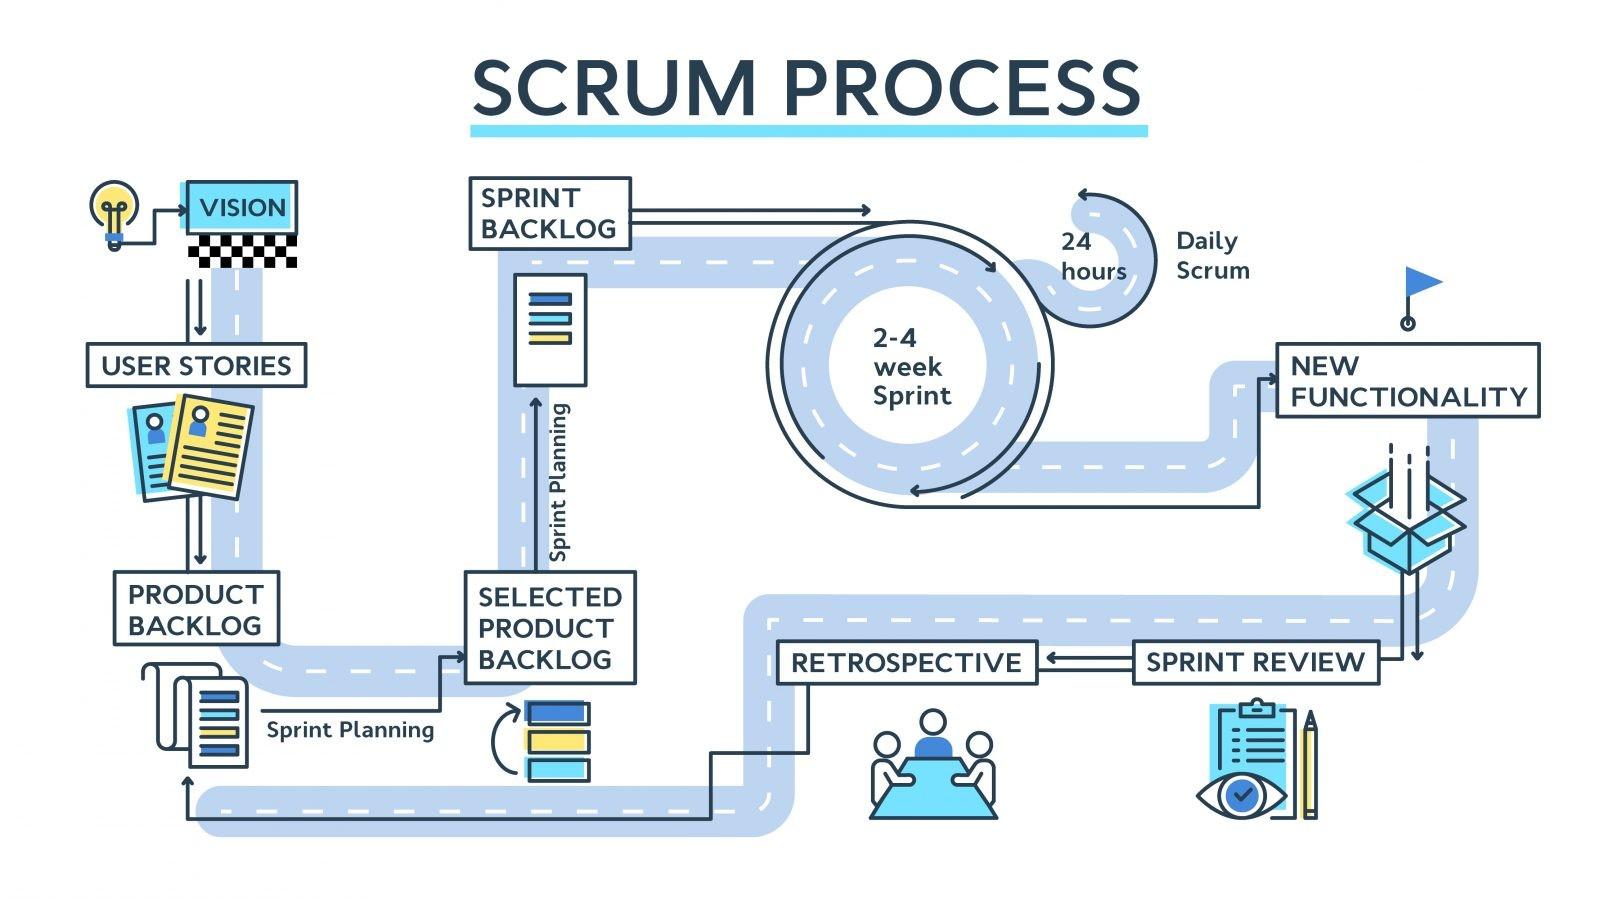 ¿Qué es la metodología SCRUM y por qué deberías aplicarla en la gestión de tus proyectos?